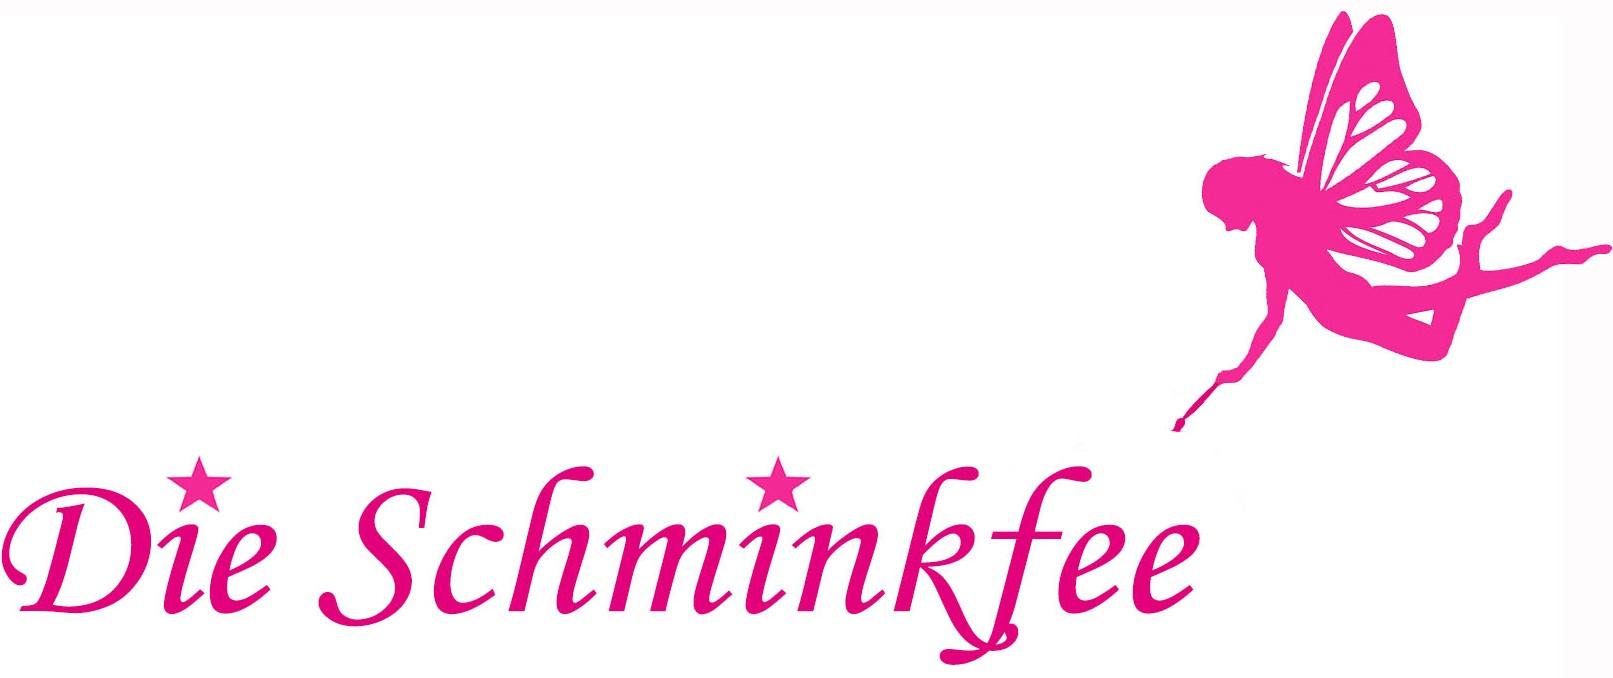 Finale-Endversion-LOGO-Schminkfee-2